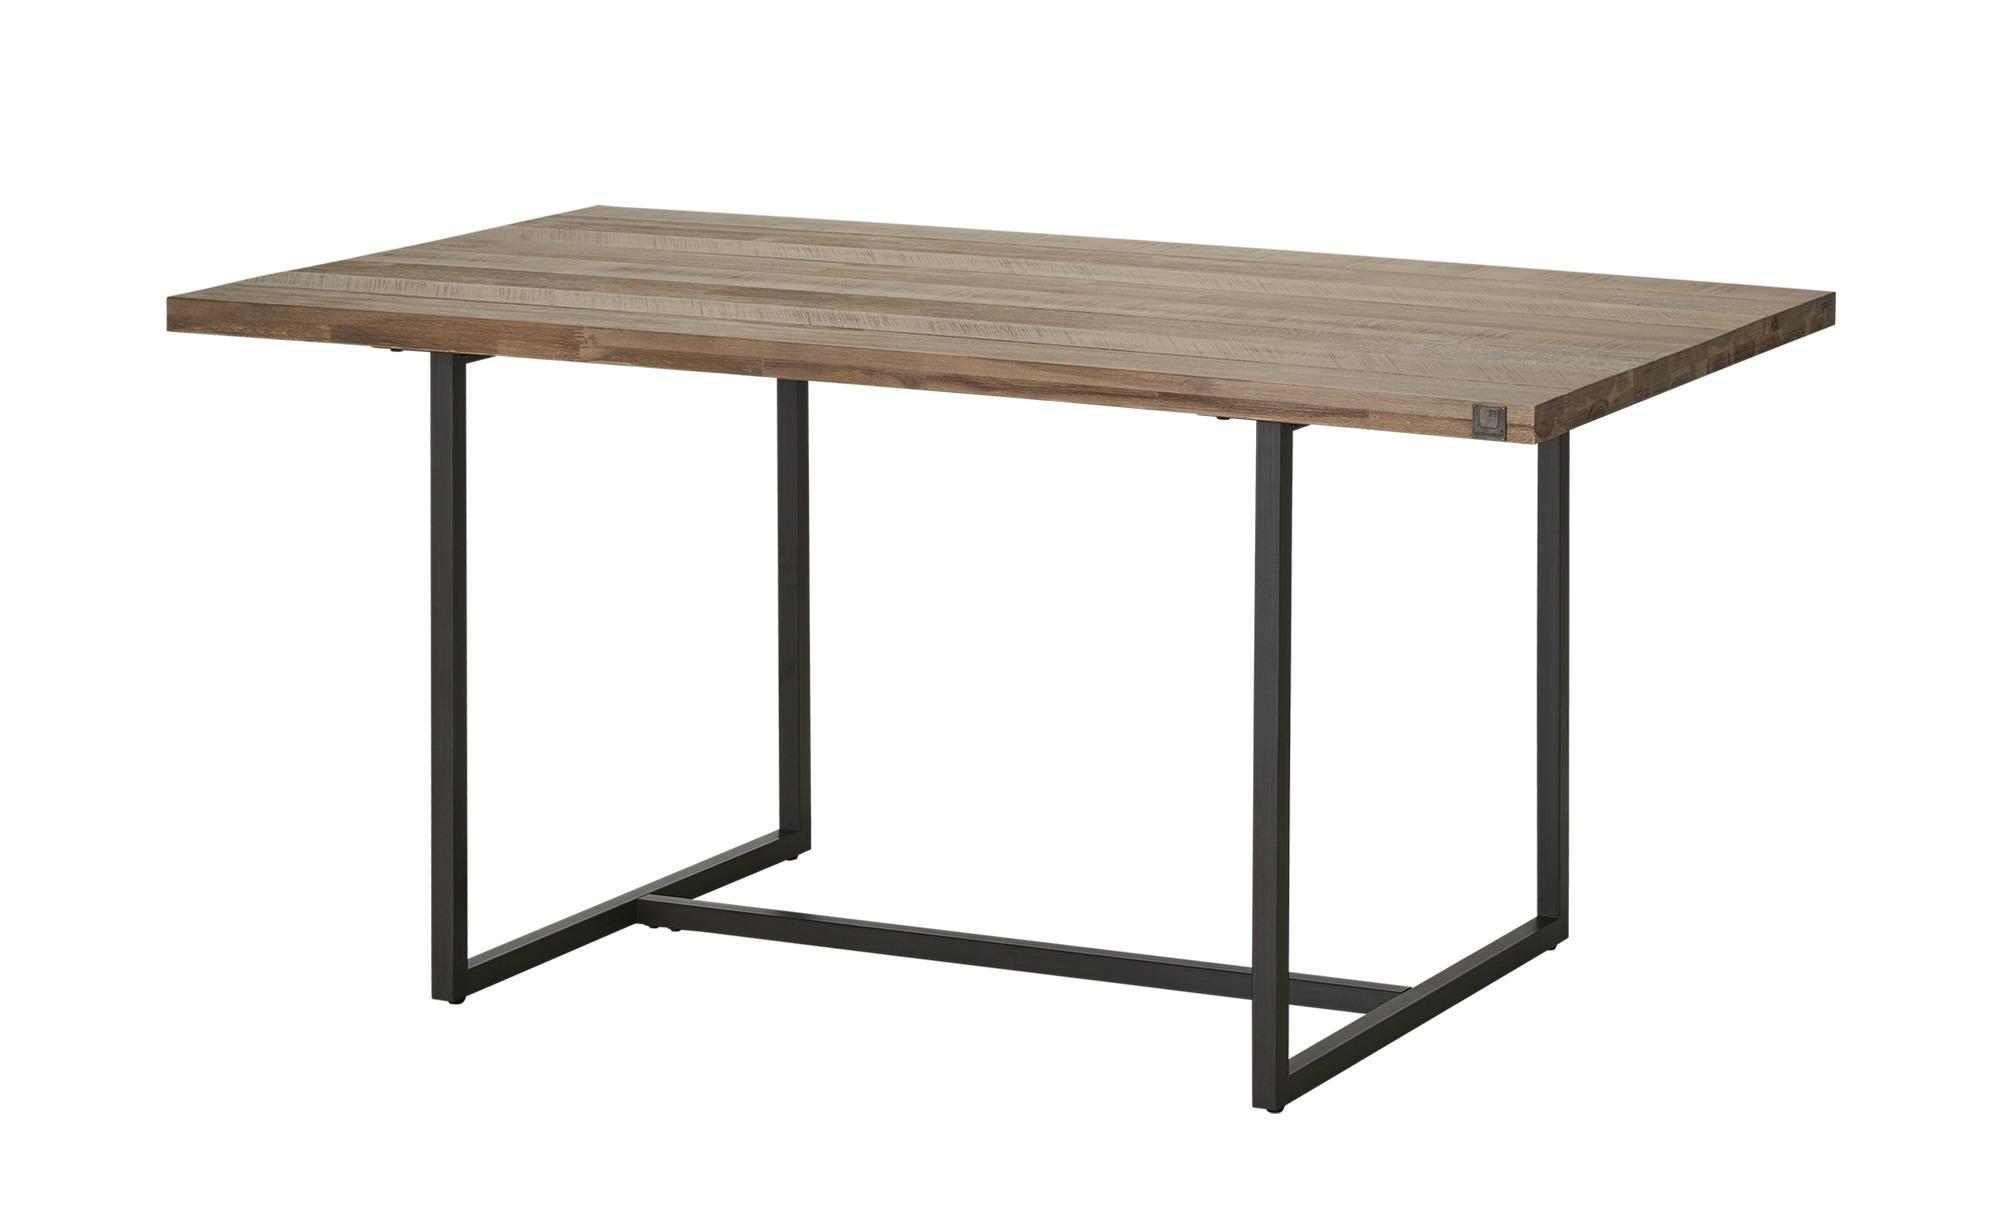 Esstisch  Lorica ¦ grau ¦ Maße (cm): B: 90 H: 76 Tische > Esstische > Esstische massiv - Höffner